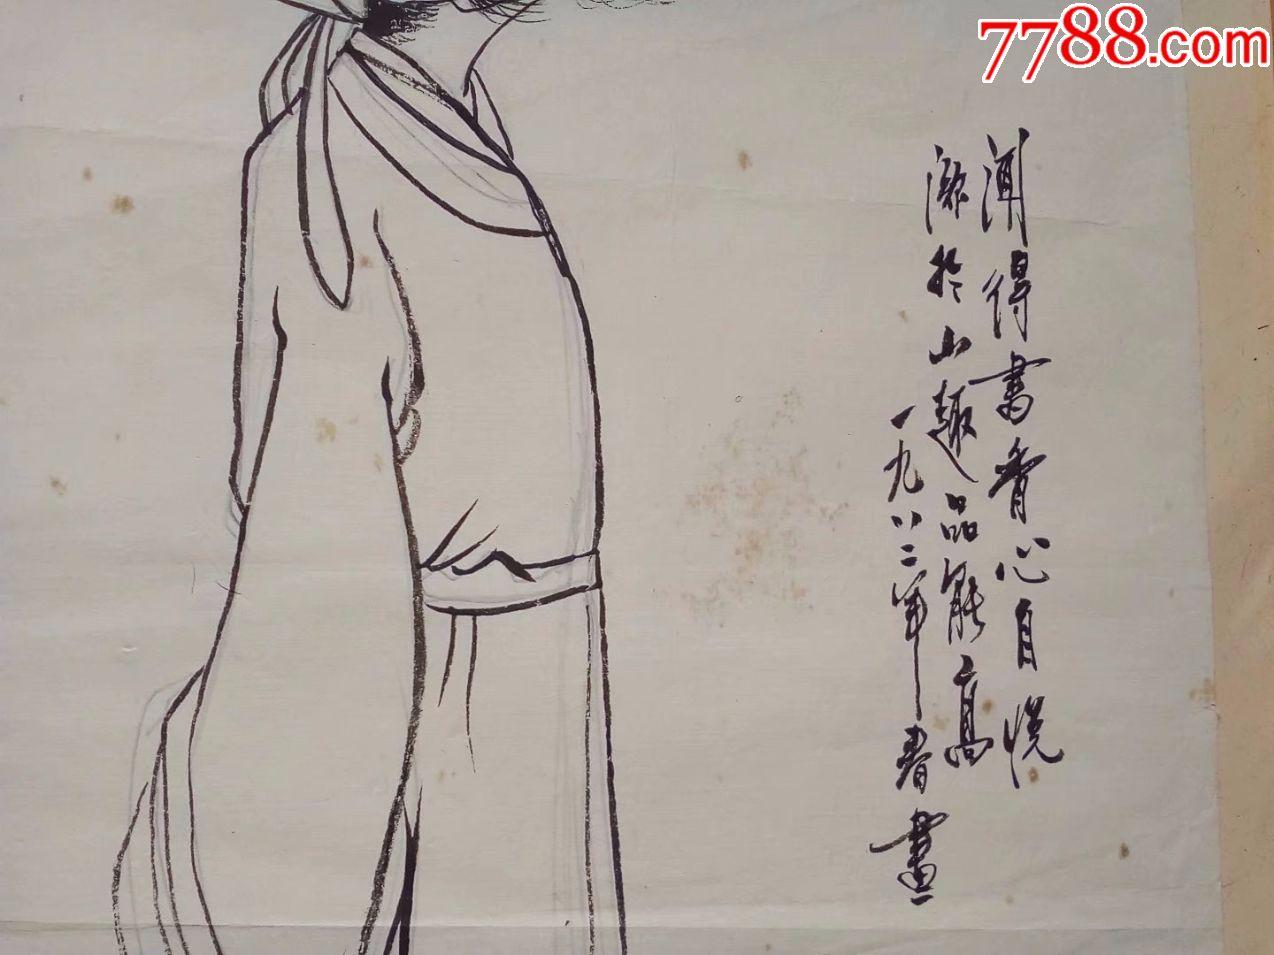 包邮一口价,水墨人物画国画小品画,八十年代原创作品唐代诗人图片